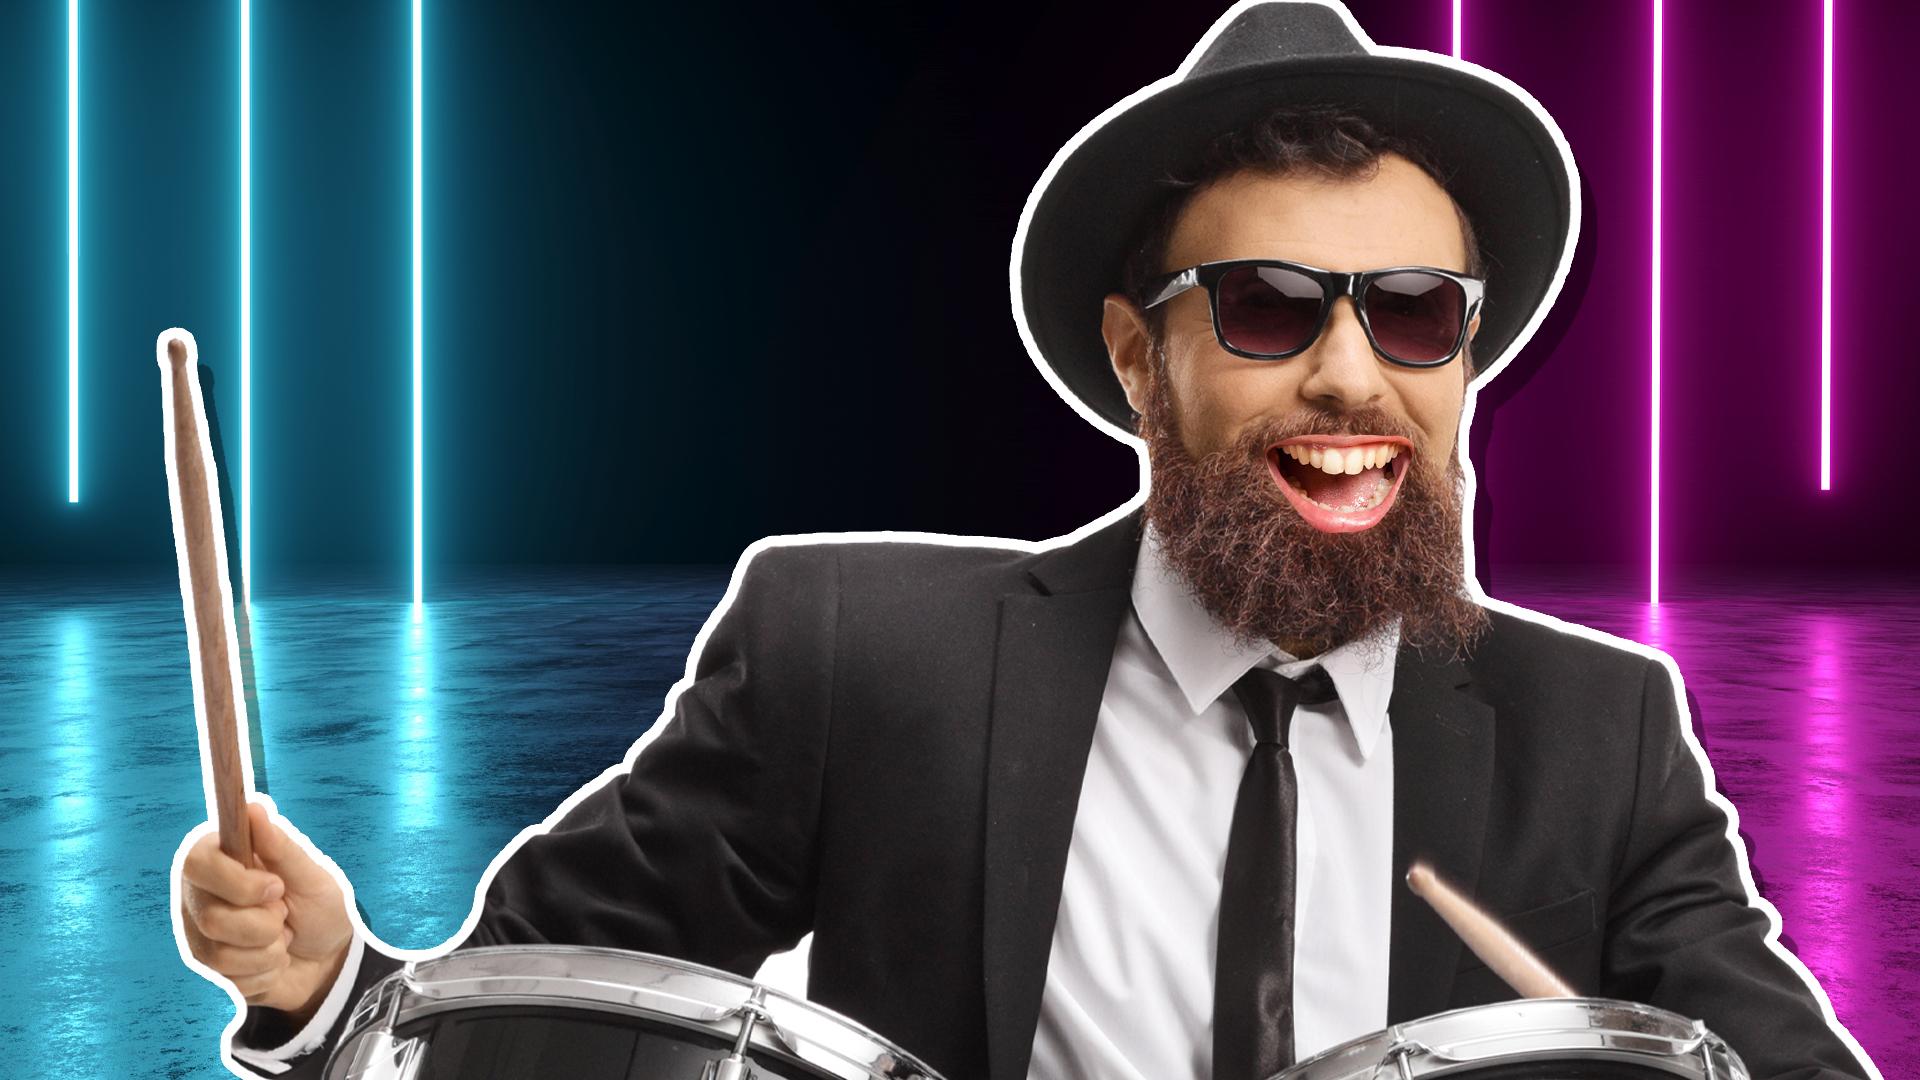 A drummer with a big bushy beard